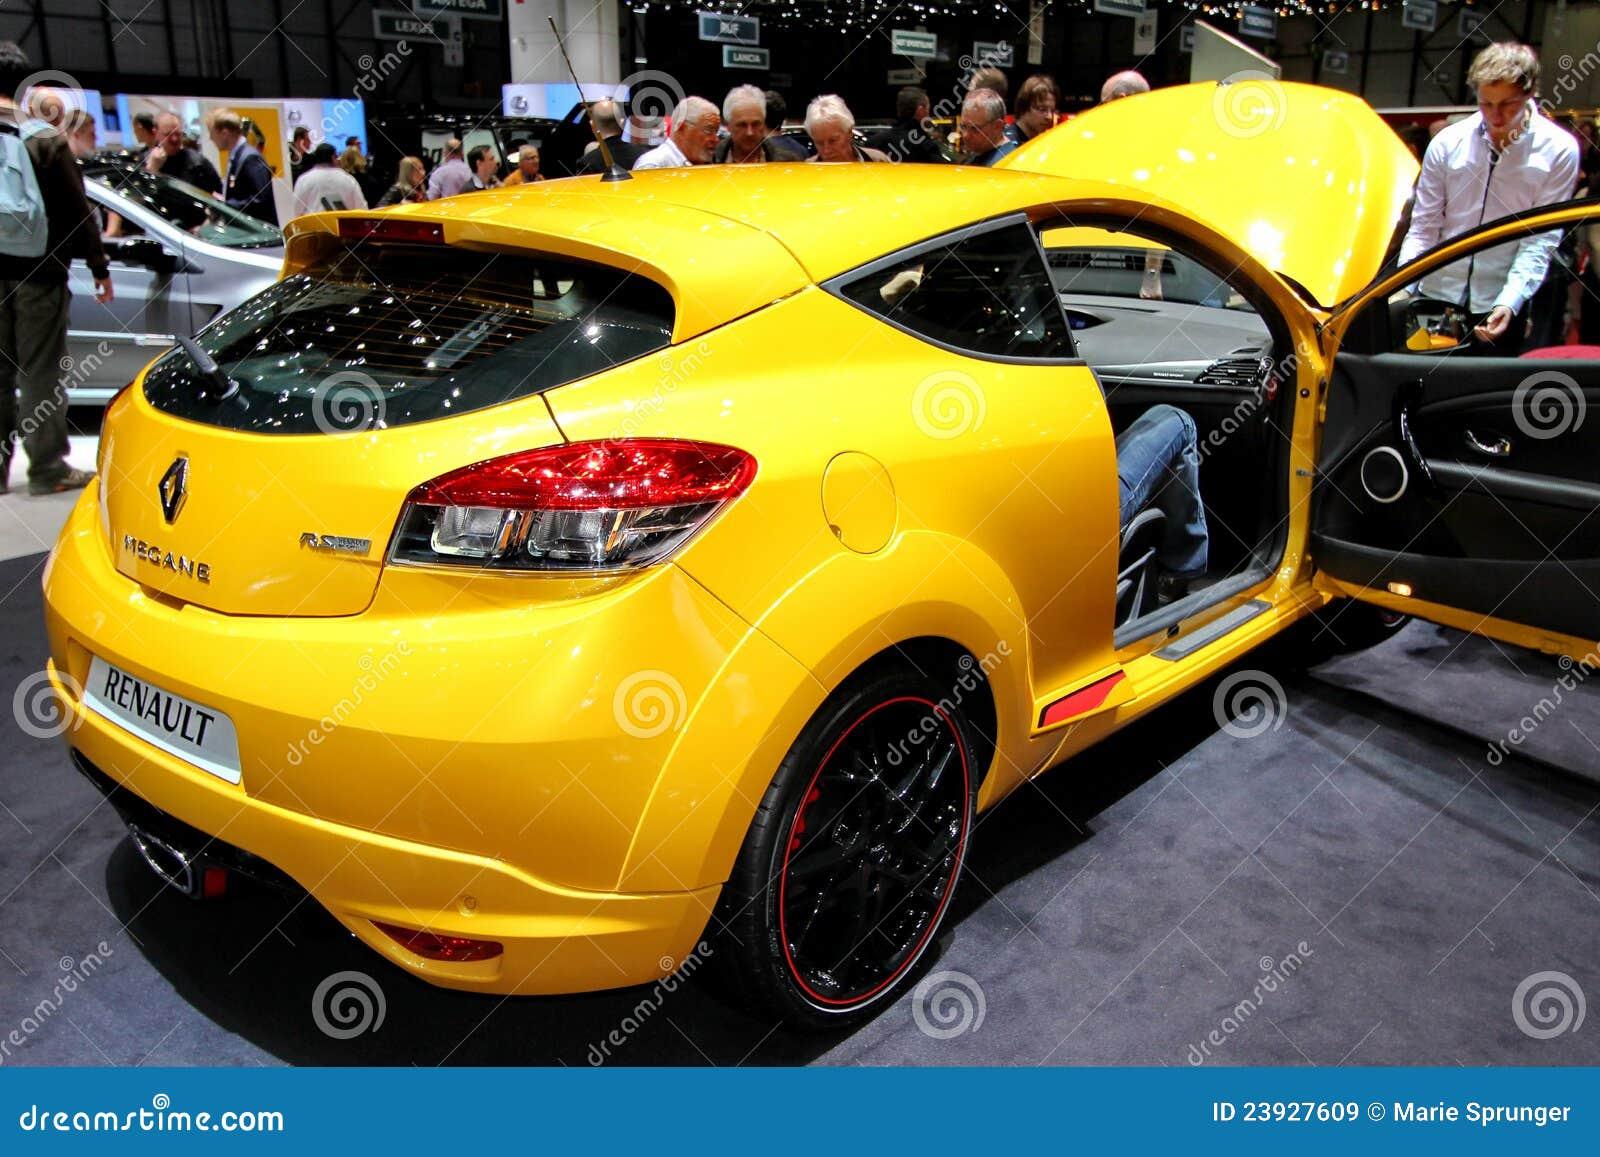 Renault megane yellow